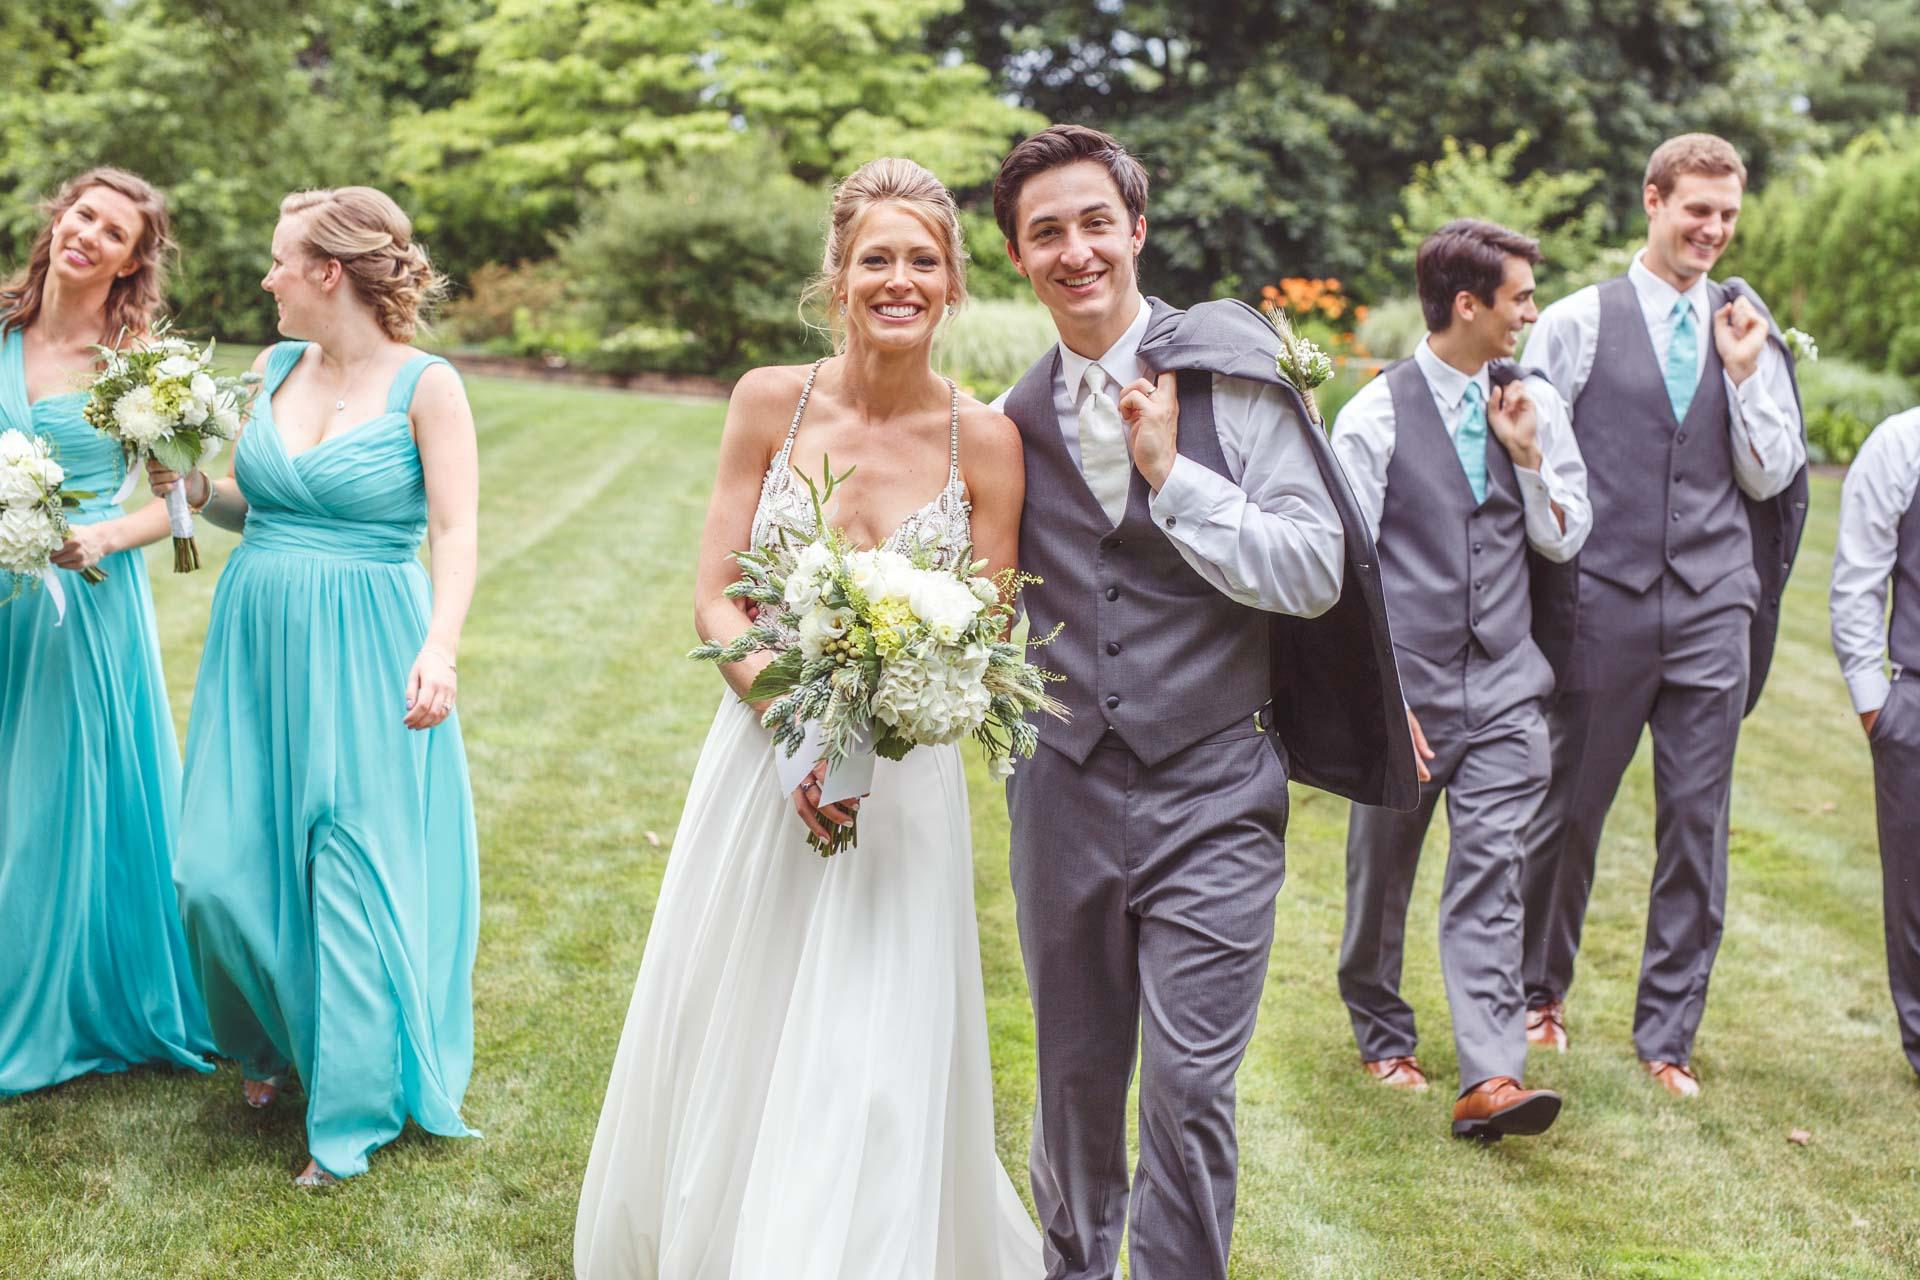 Farmington-Gardens-Wedding-Photos+(38+of+66).jpg